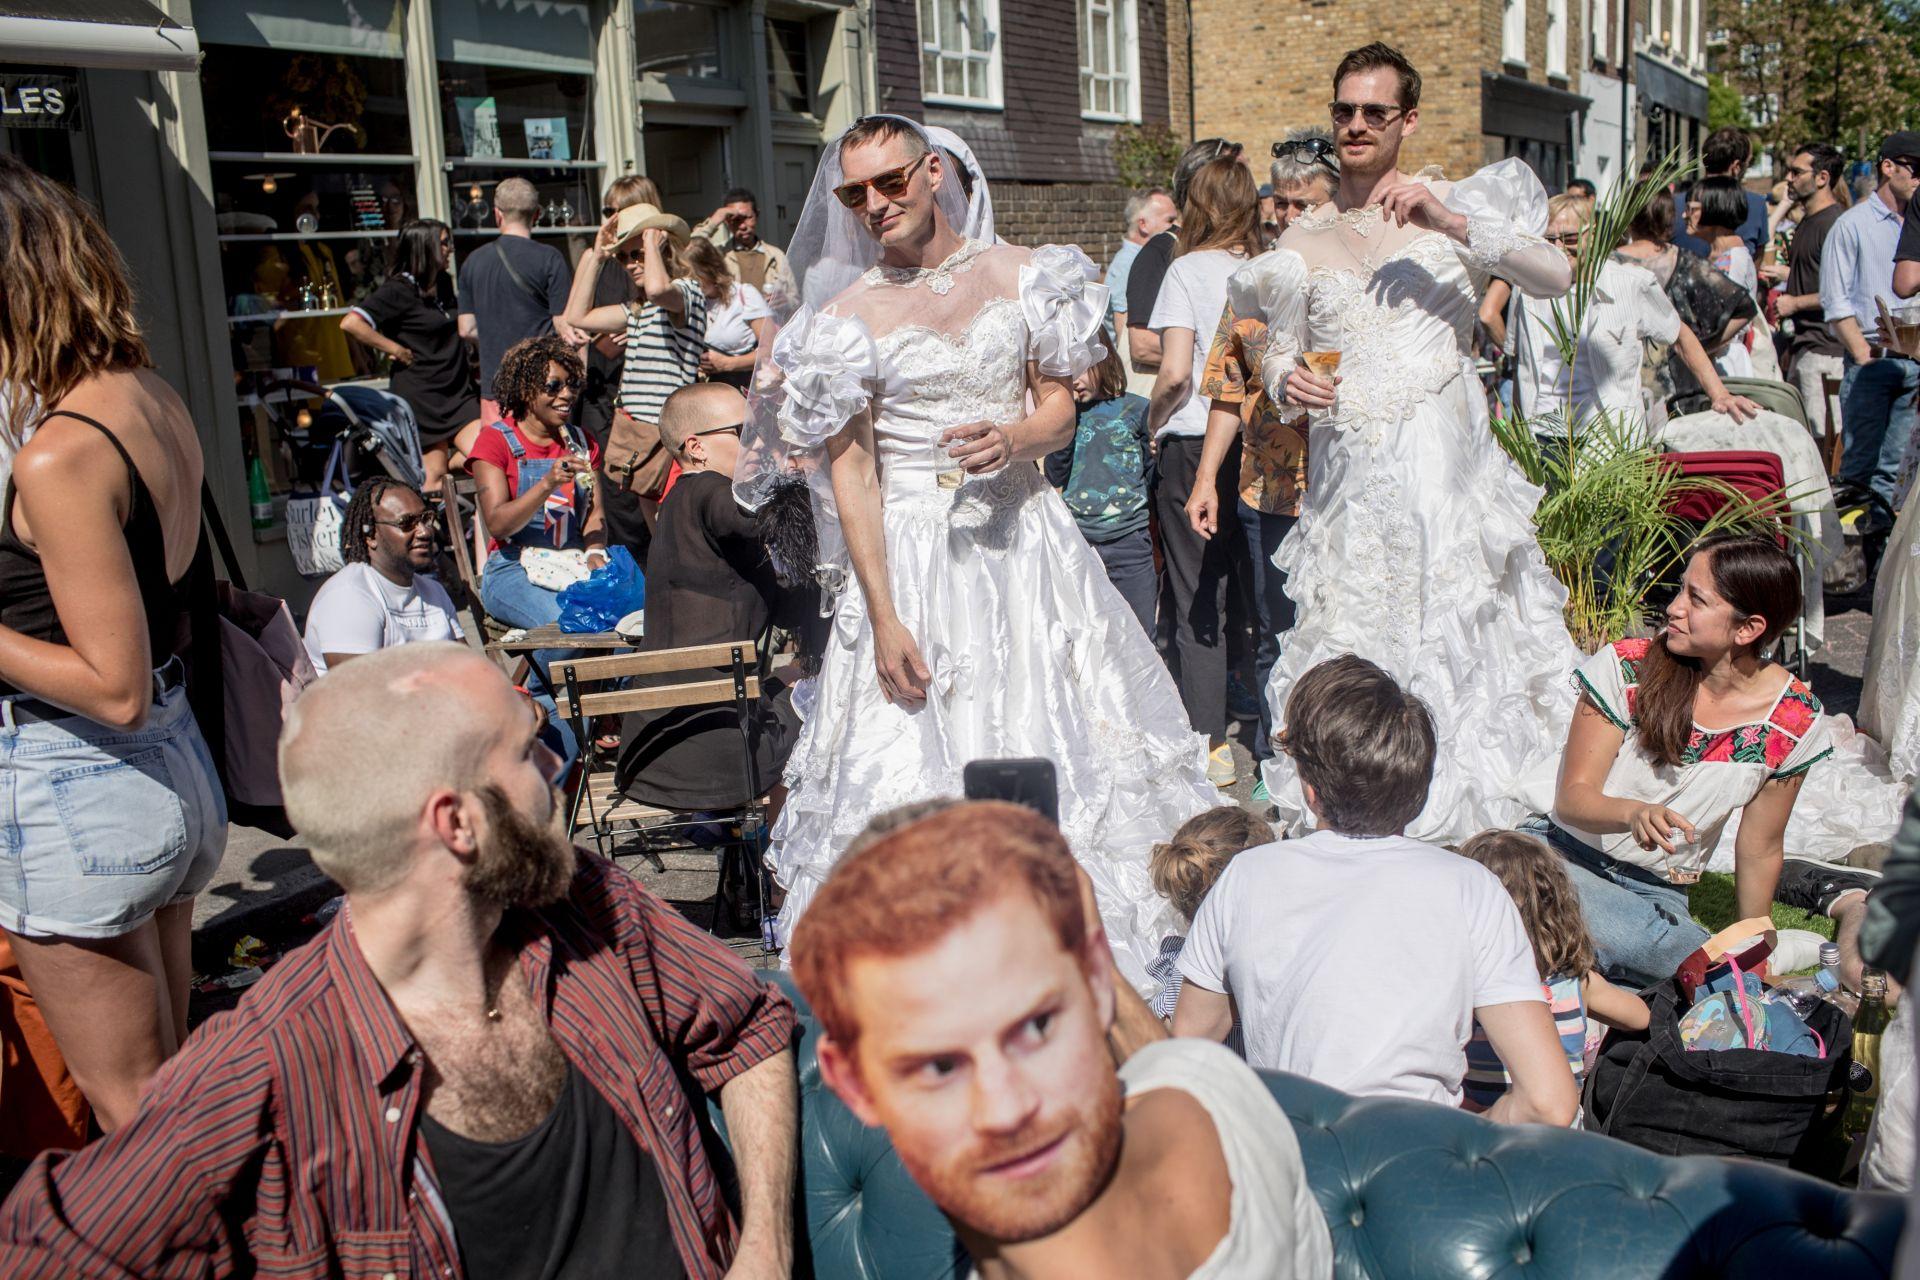 На 19 май лондончани празнуваха кралската сватба на принц Хари и Меган Маркъл. Някои облякоха булчински рокли в унисон със събитието